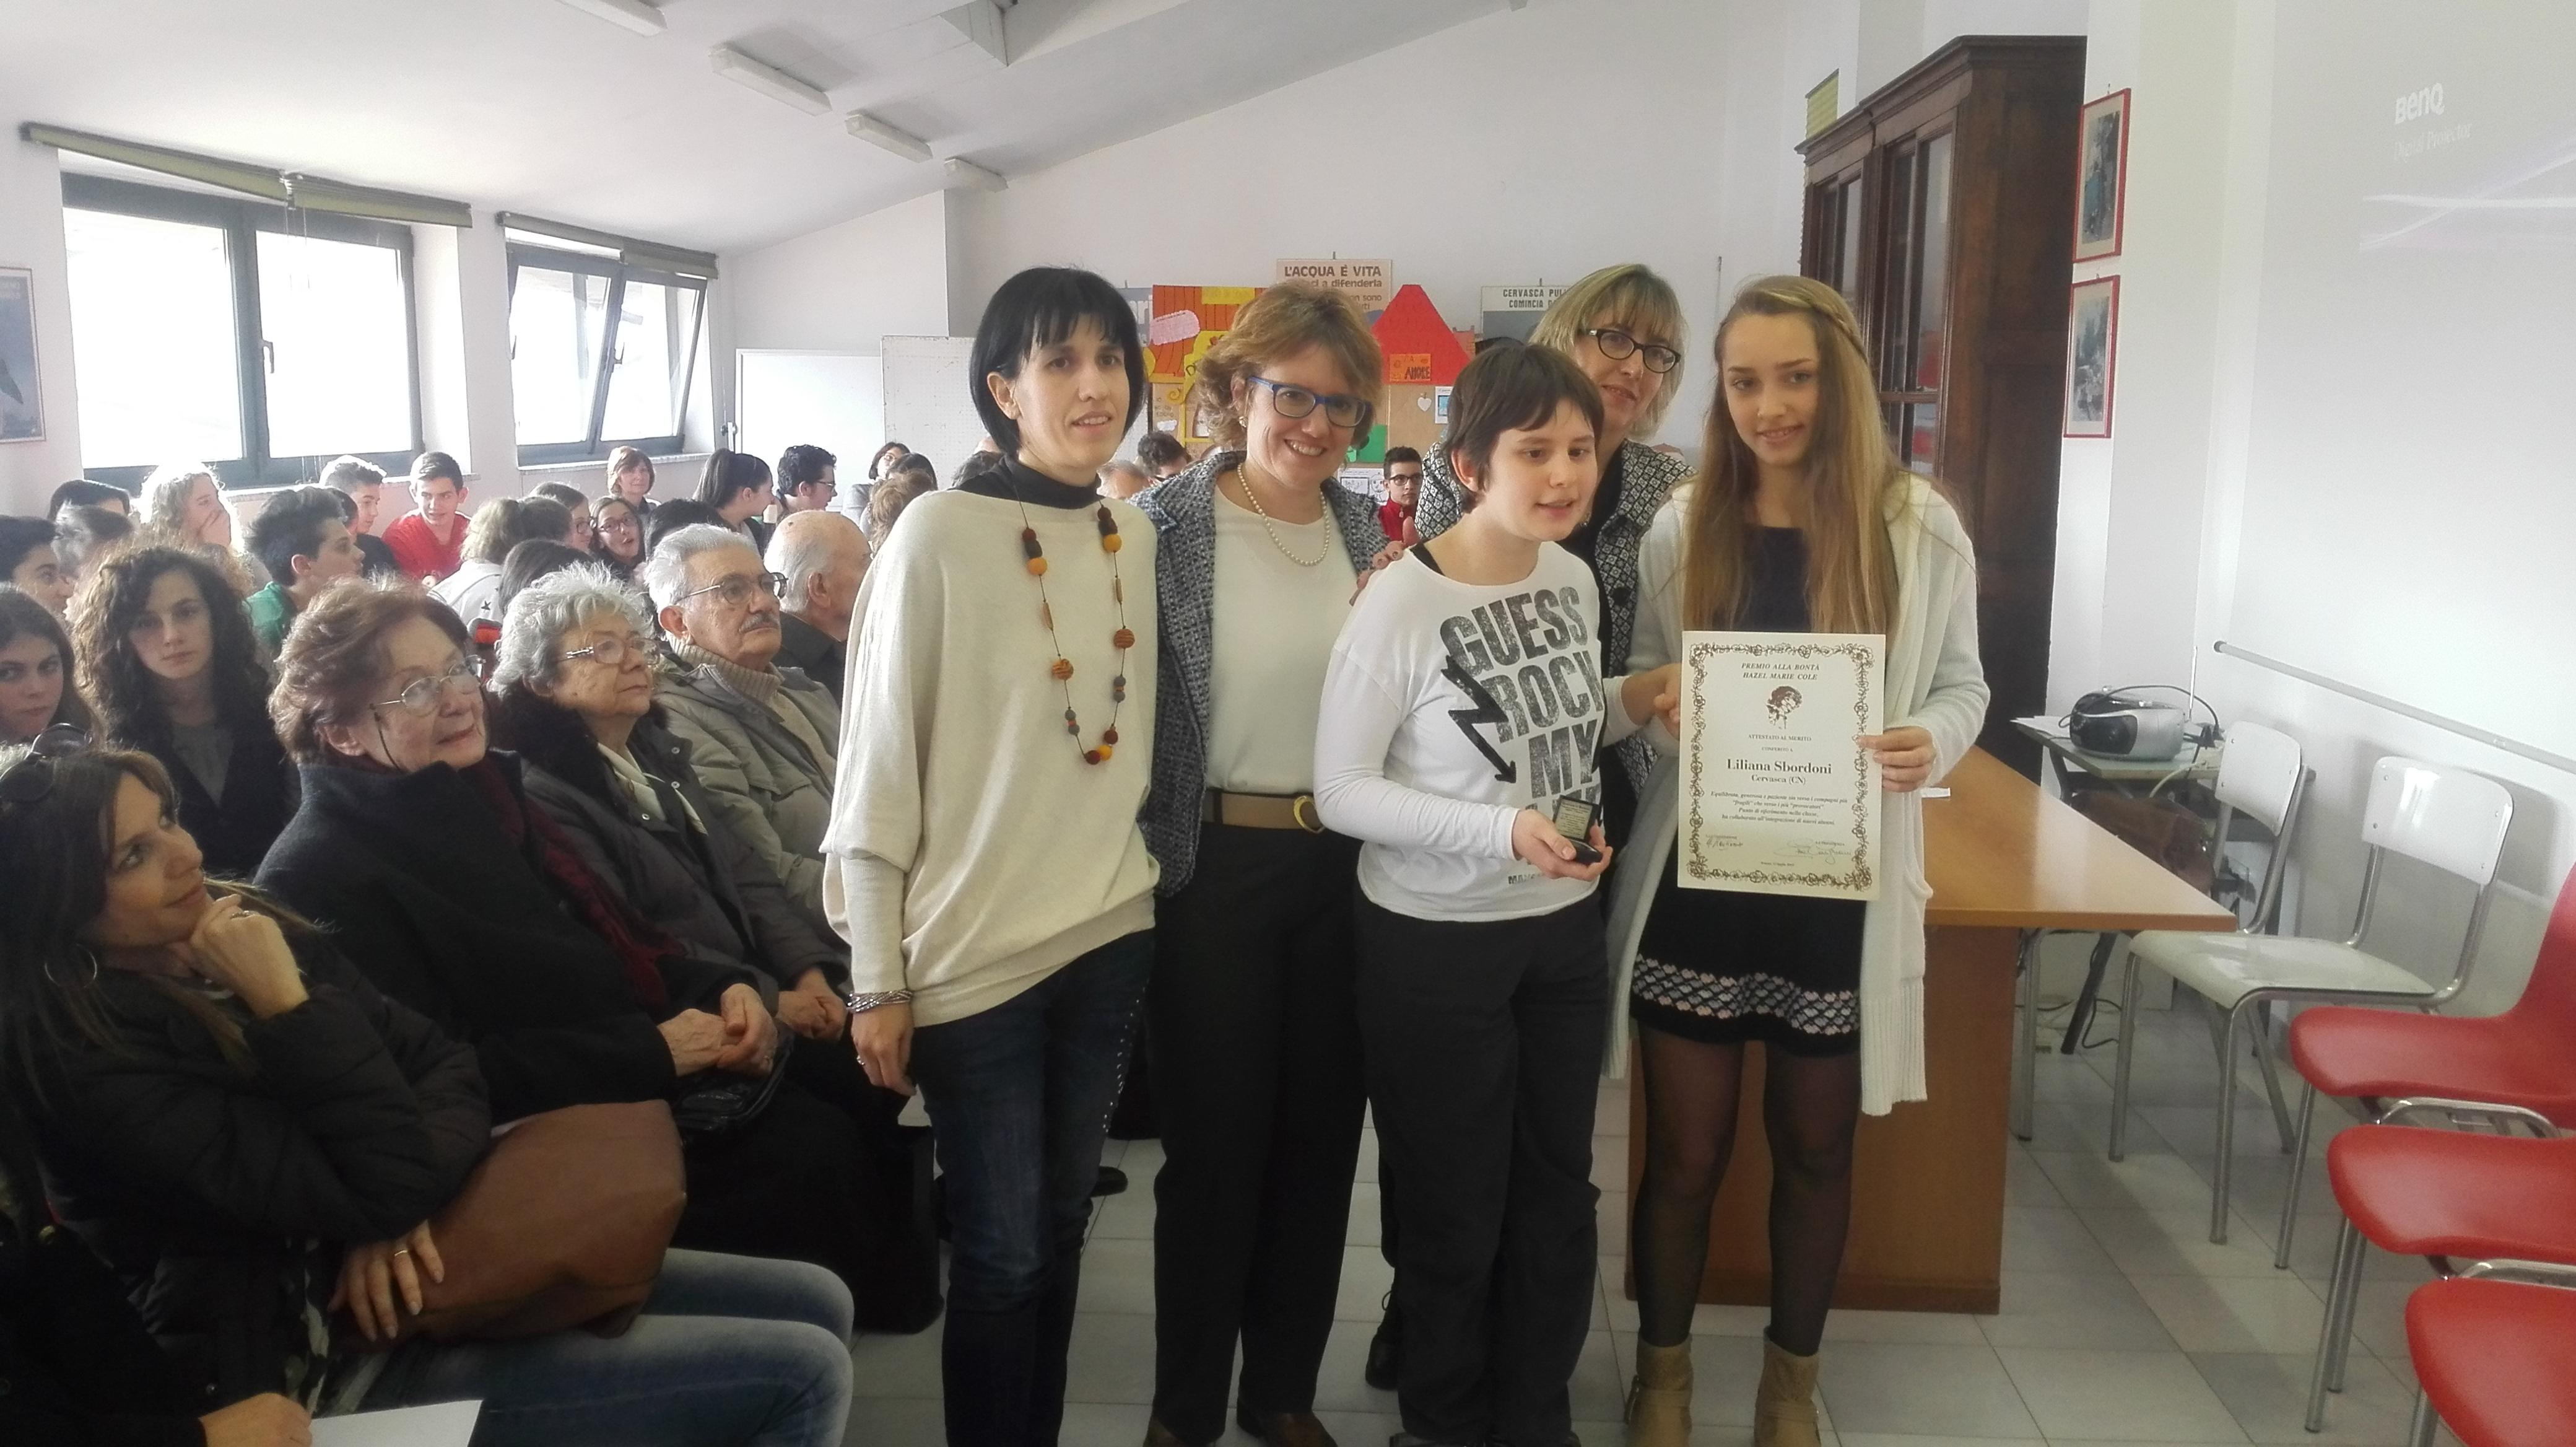 Premiata, autorità e pubblico Presenti alla cerimonia.